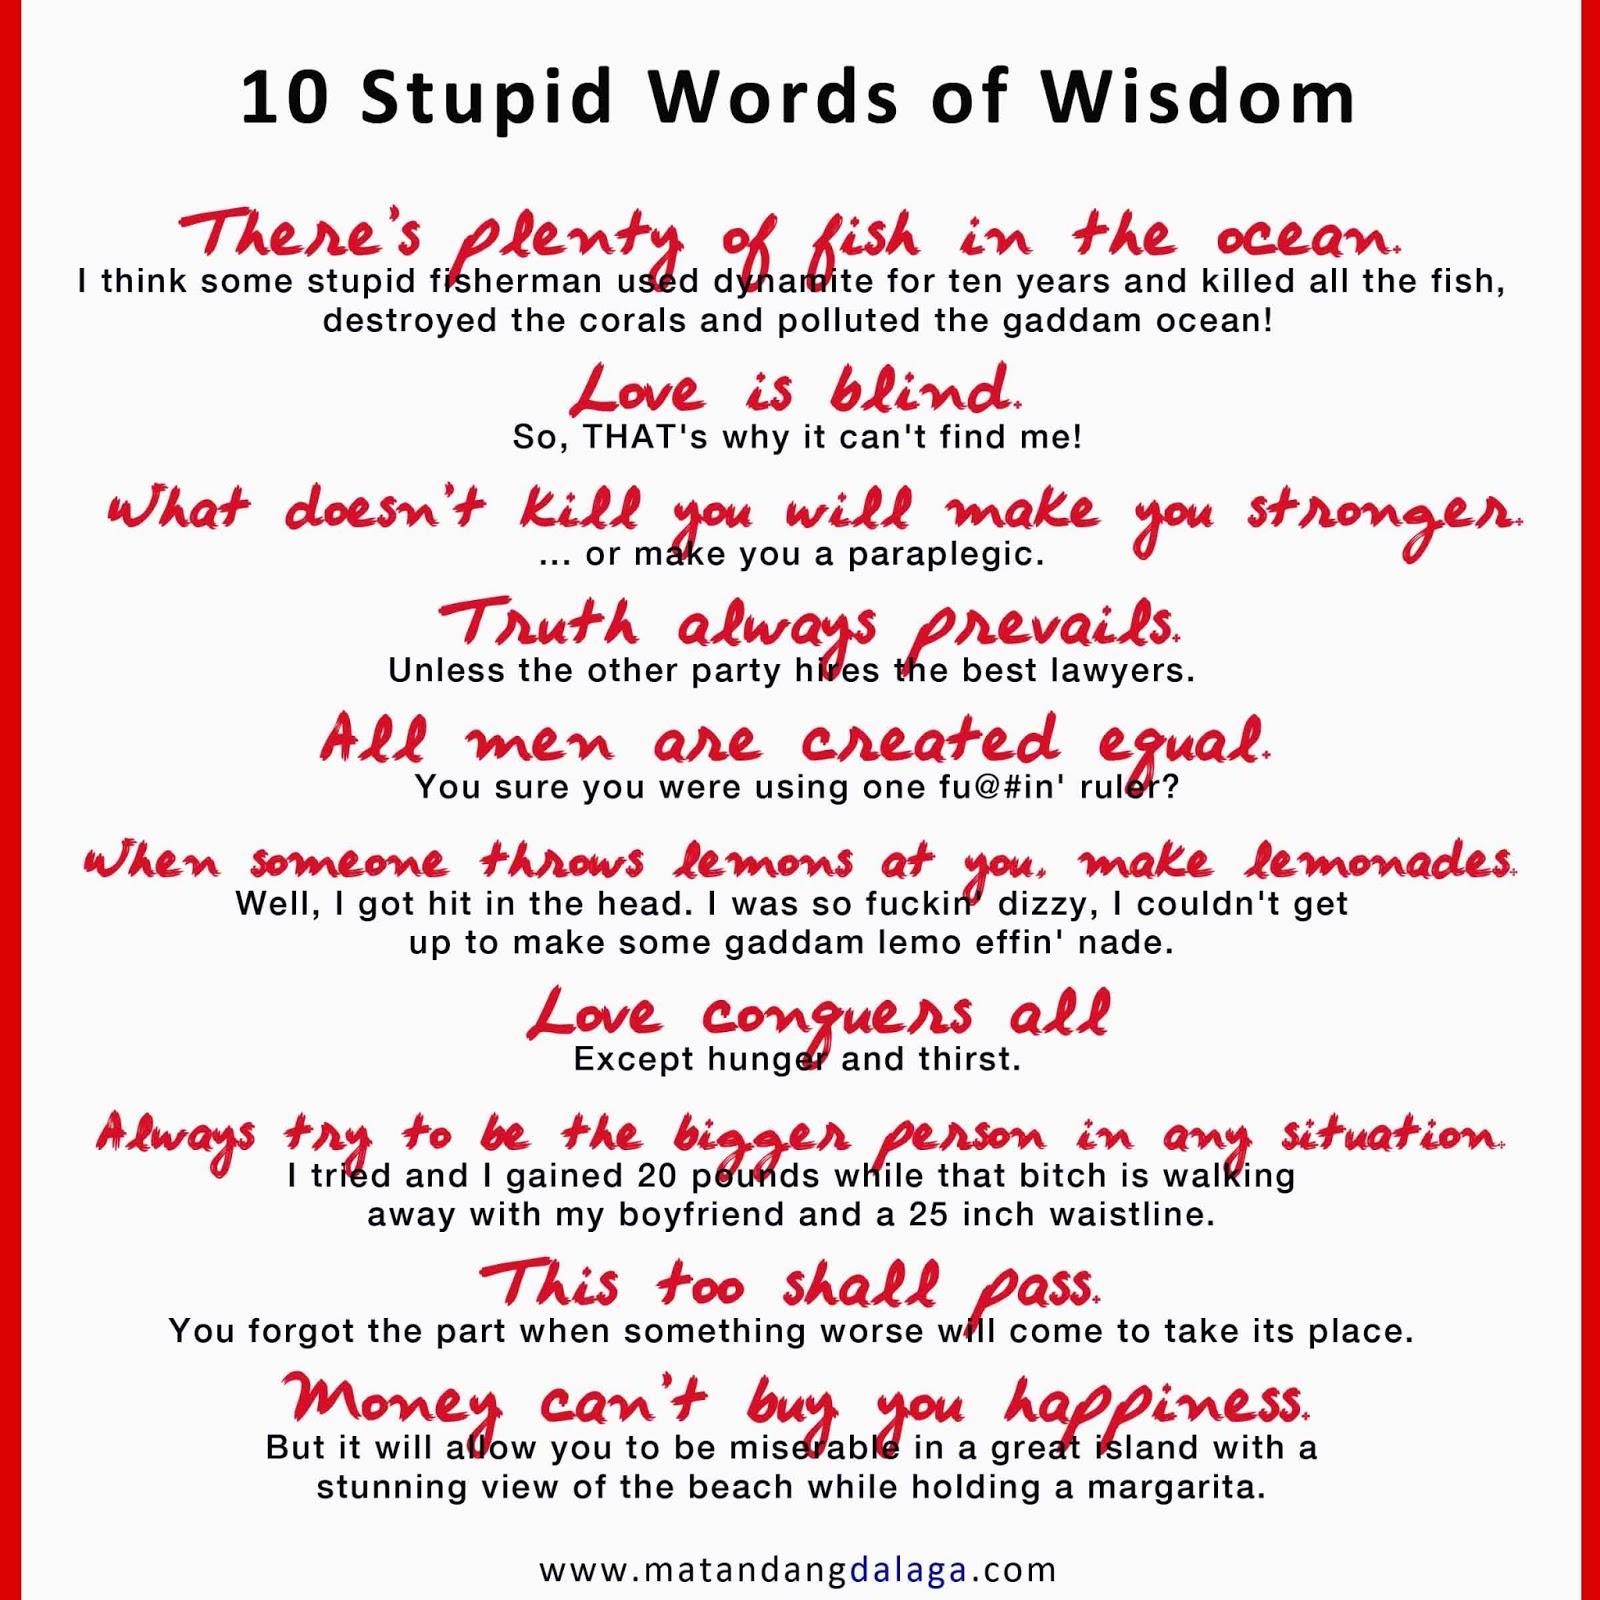 Stupid Words of Wisdom